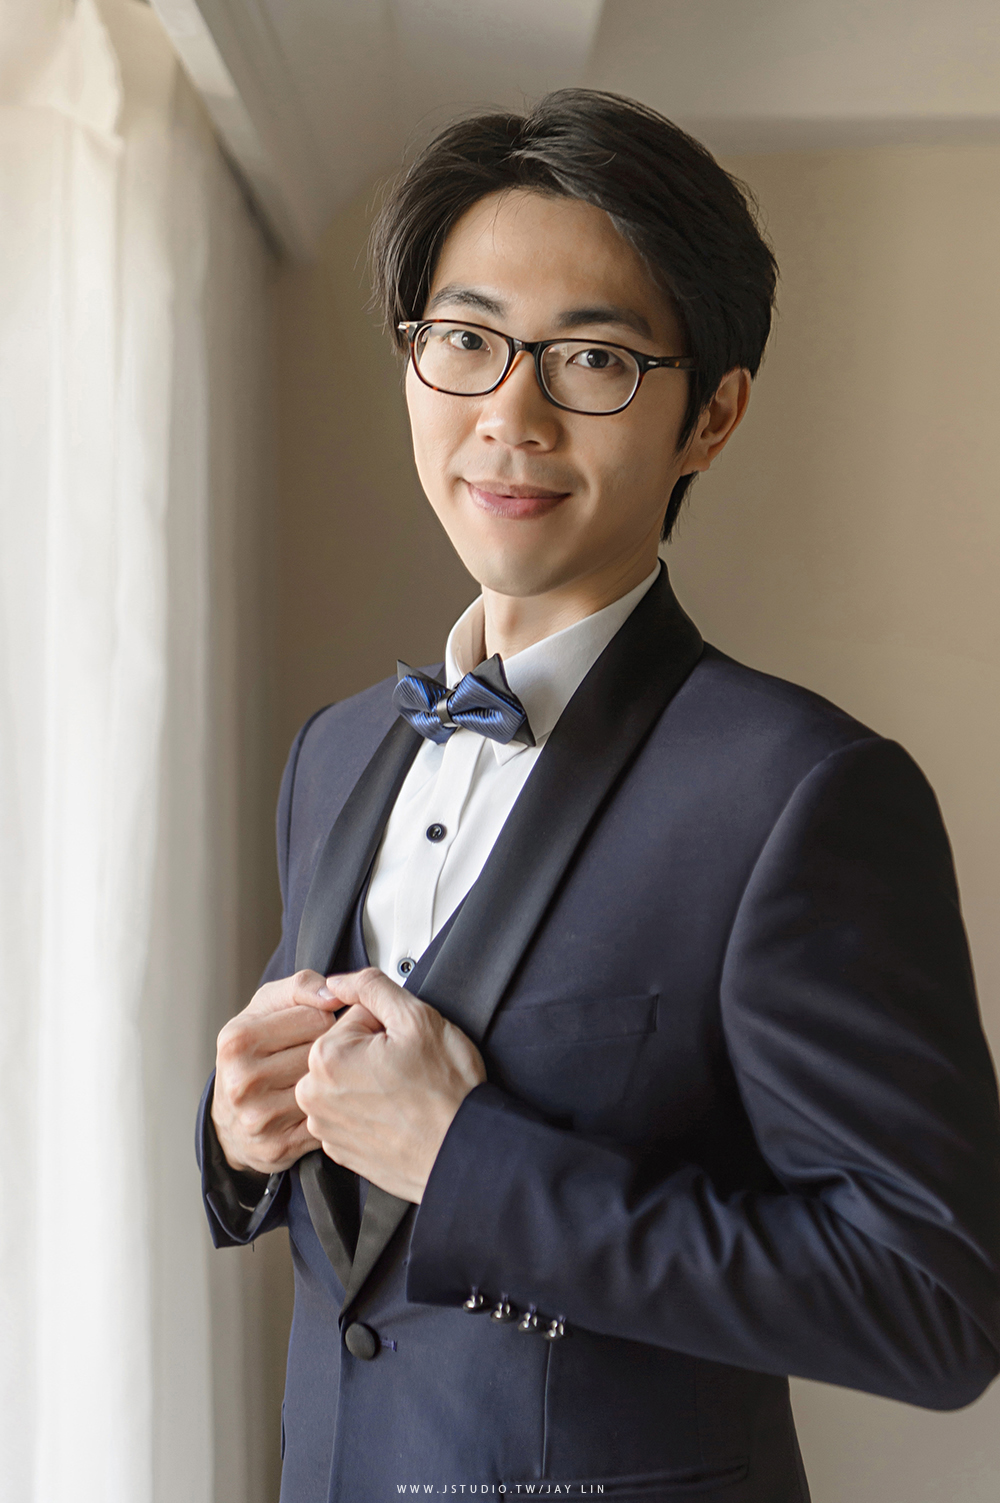 婚攝 推薦婚攝 台北西華飯店  台北婚攝 婚禮紀錄 JSTUDIO_0011